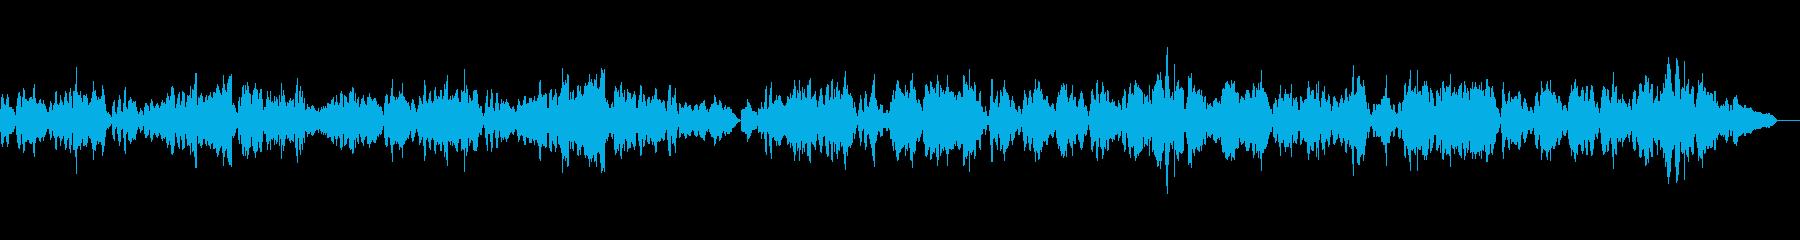 教会に響き渡るバイオリン独奏曲3の再生済みの波形